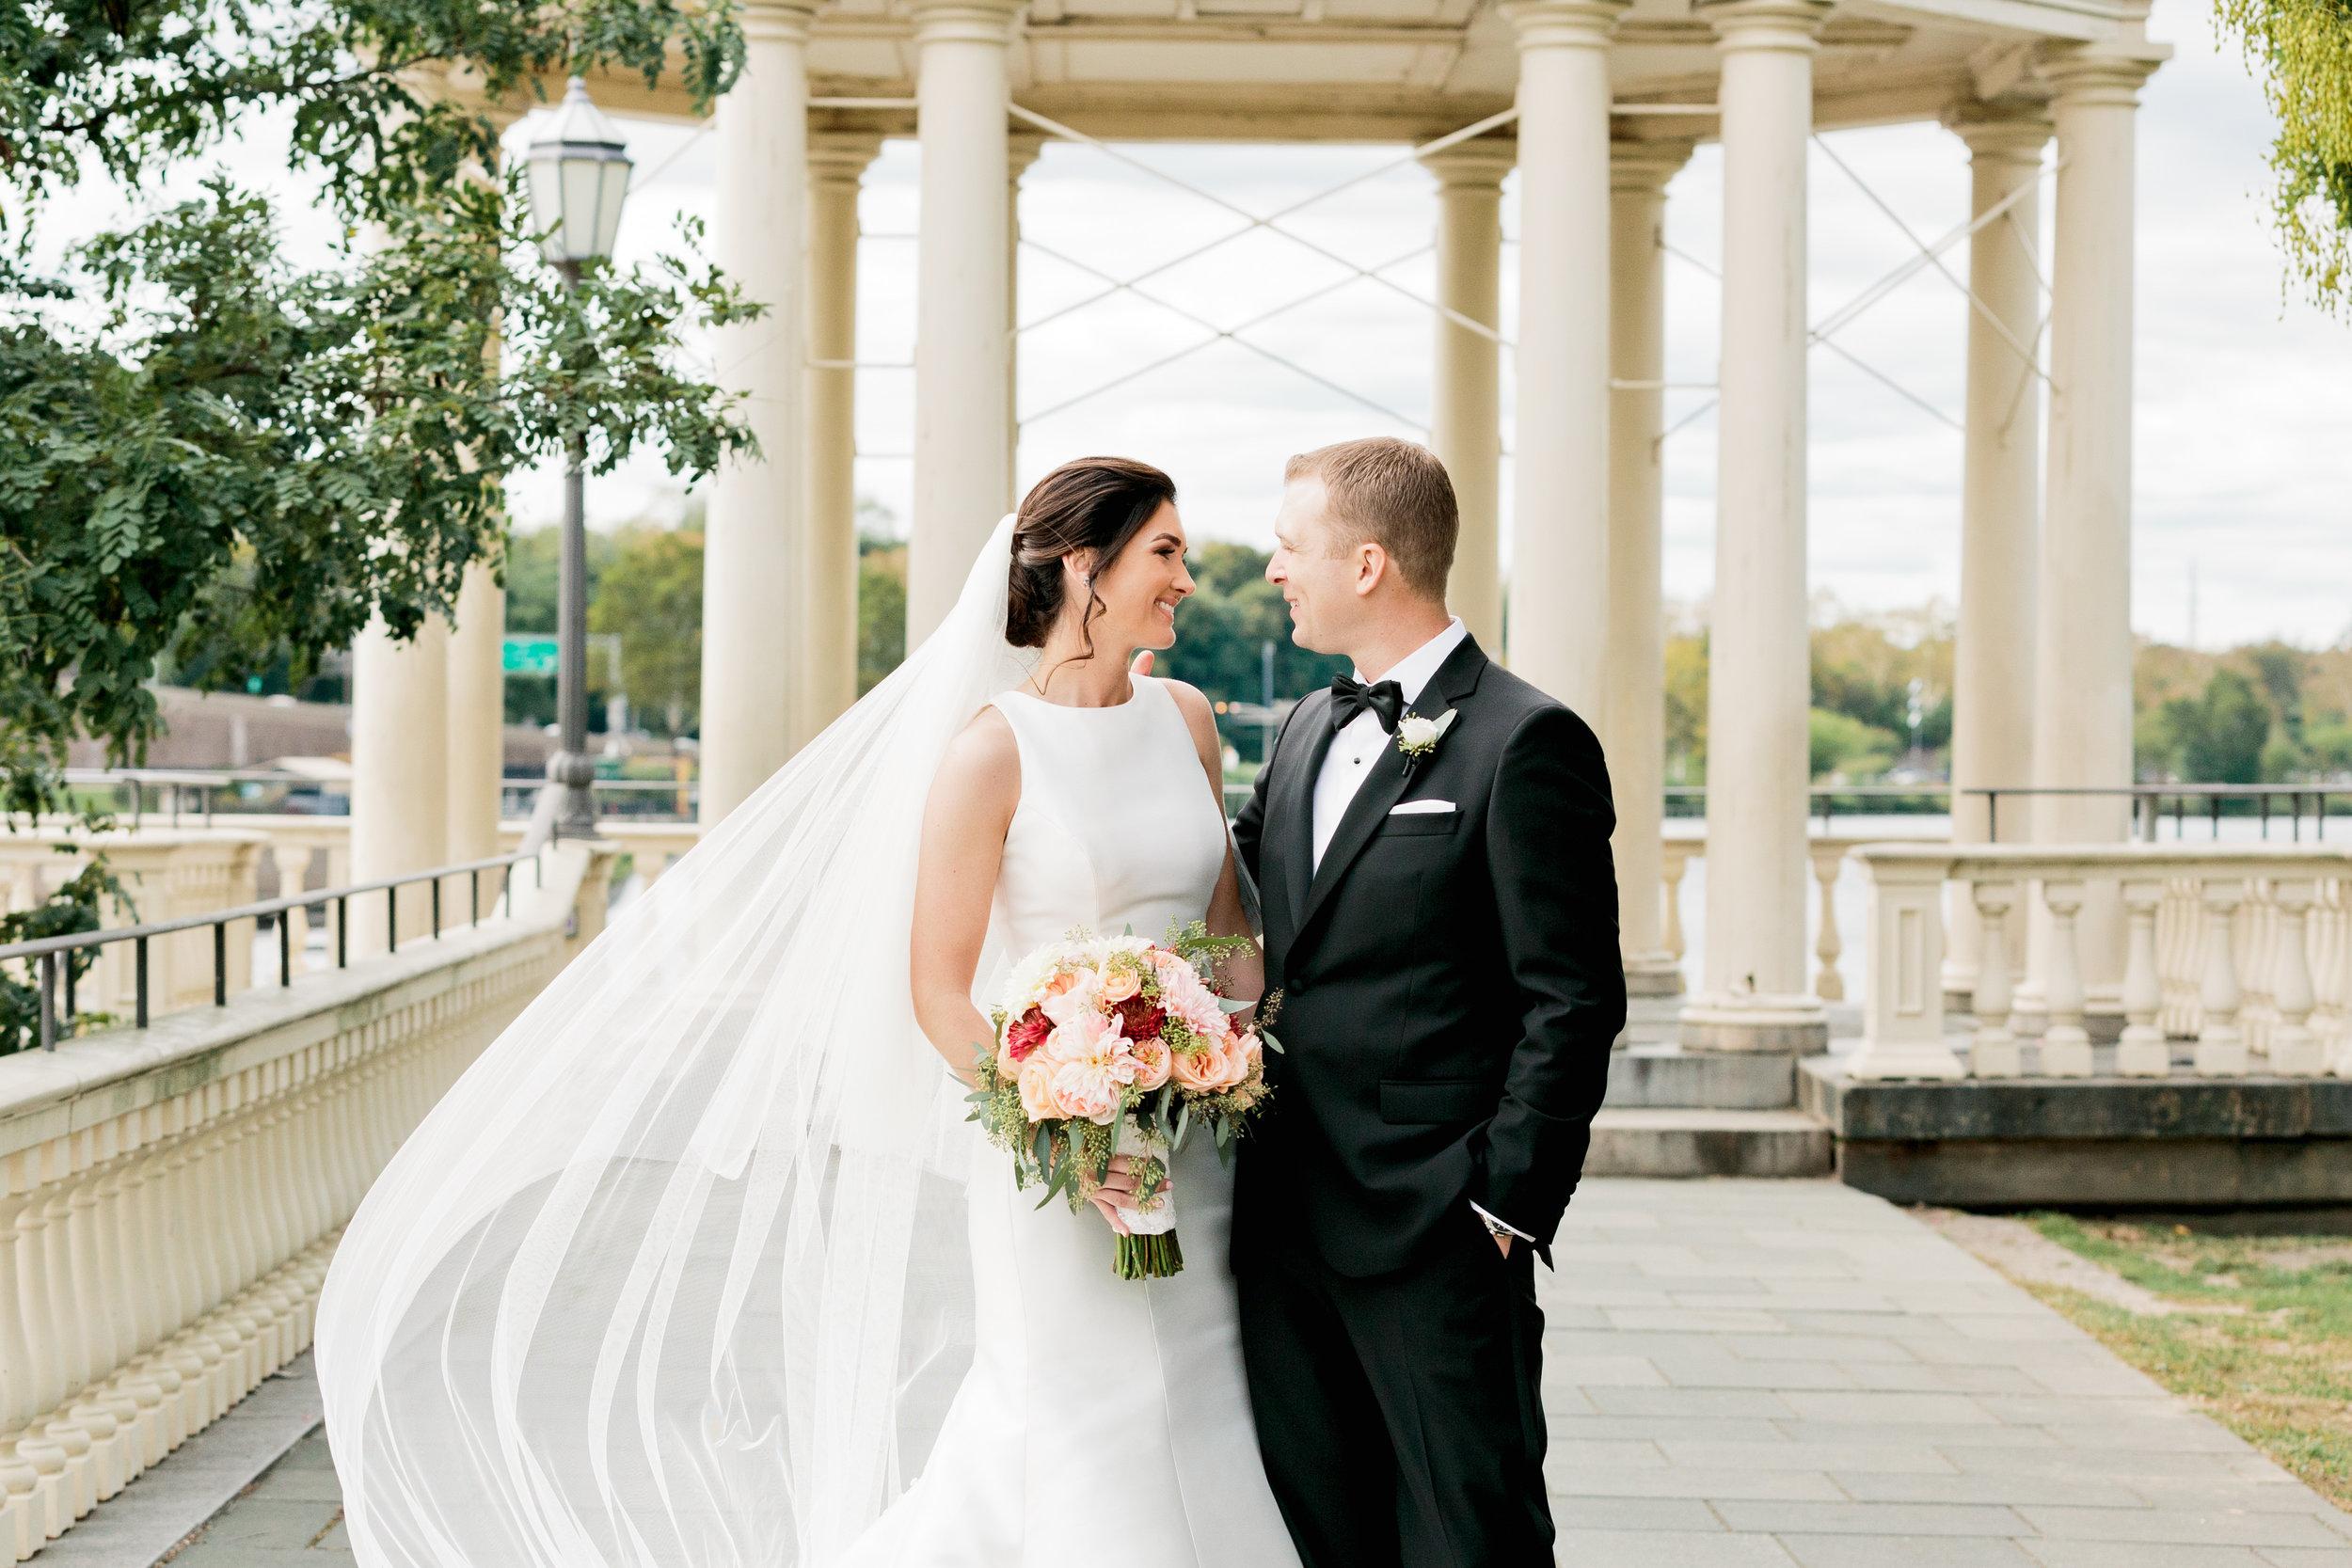 Hudson-Nichols-Black-Tie-Bride-Philadelphia-Waterworks-Wedding-Bride-Groom-Portraits44.jpg